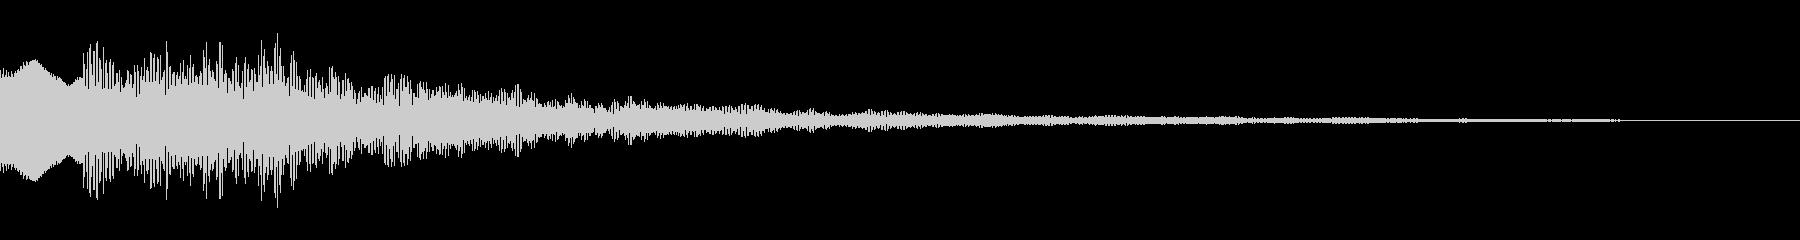 サスペンスっぽい怪しい単音のエレピ音の未再生の波形